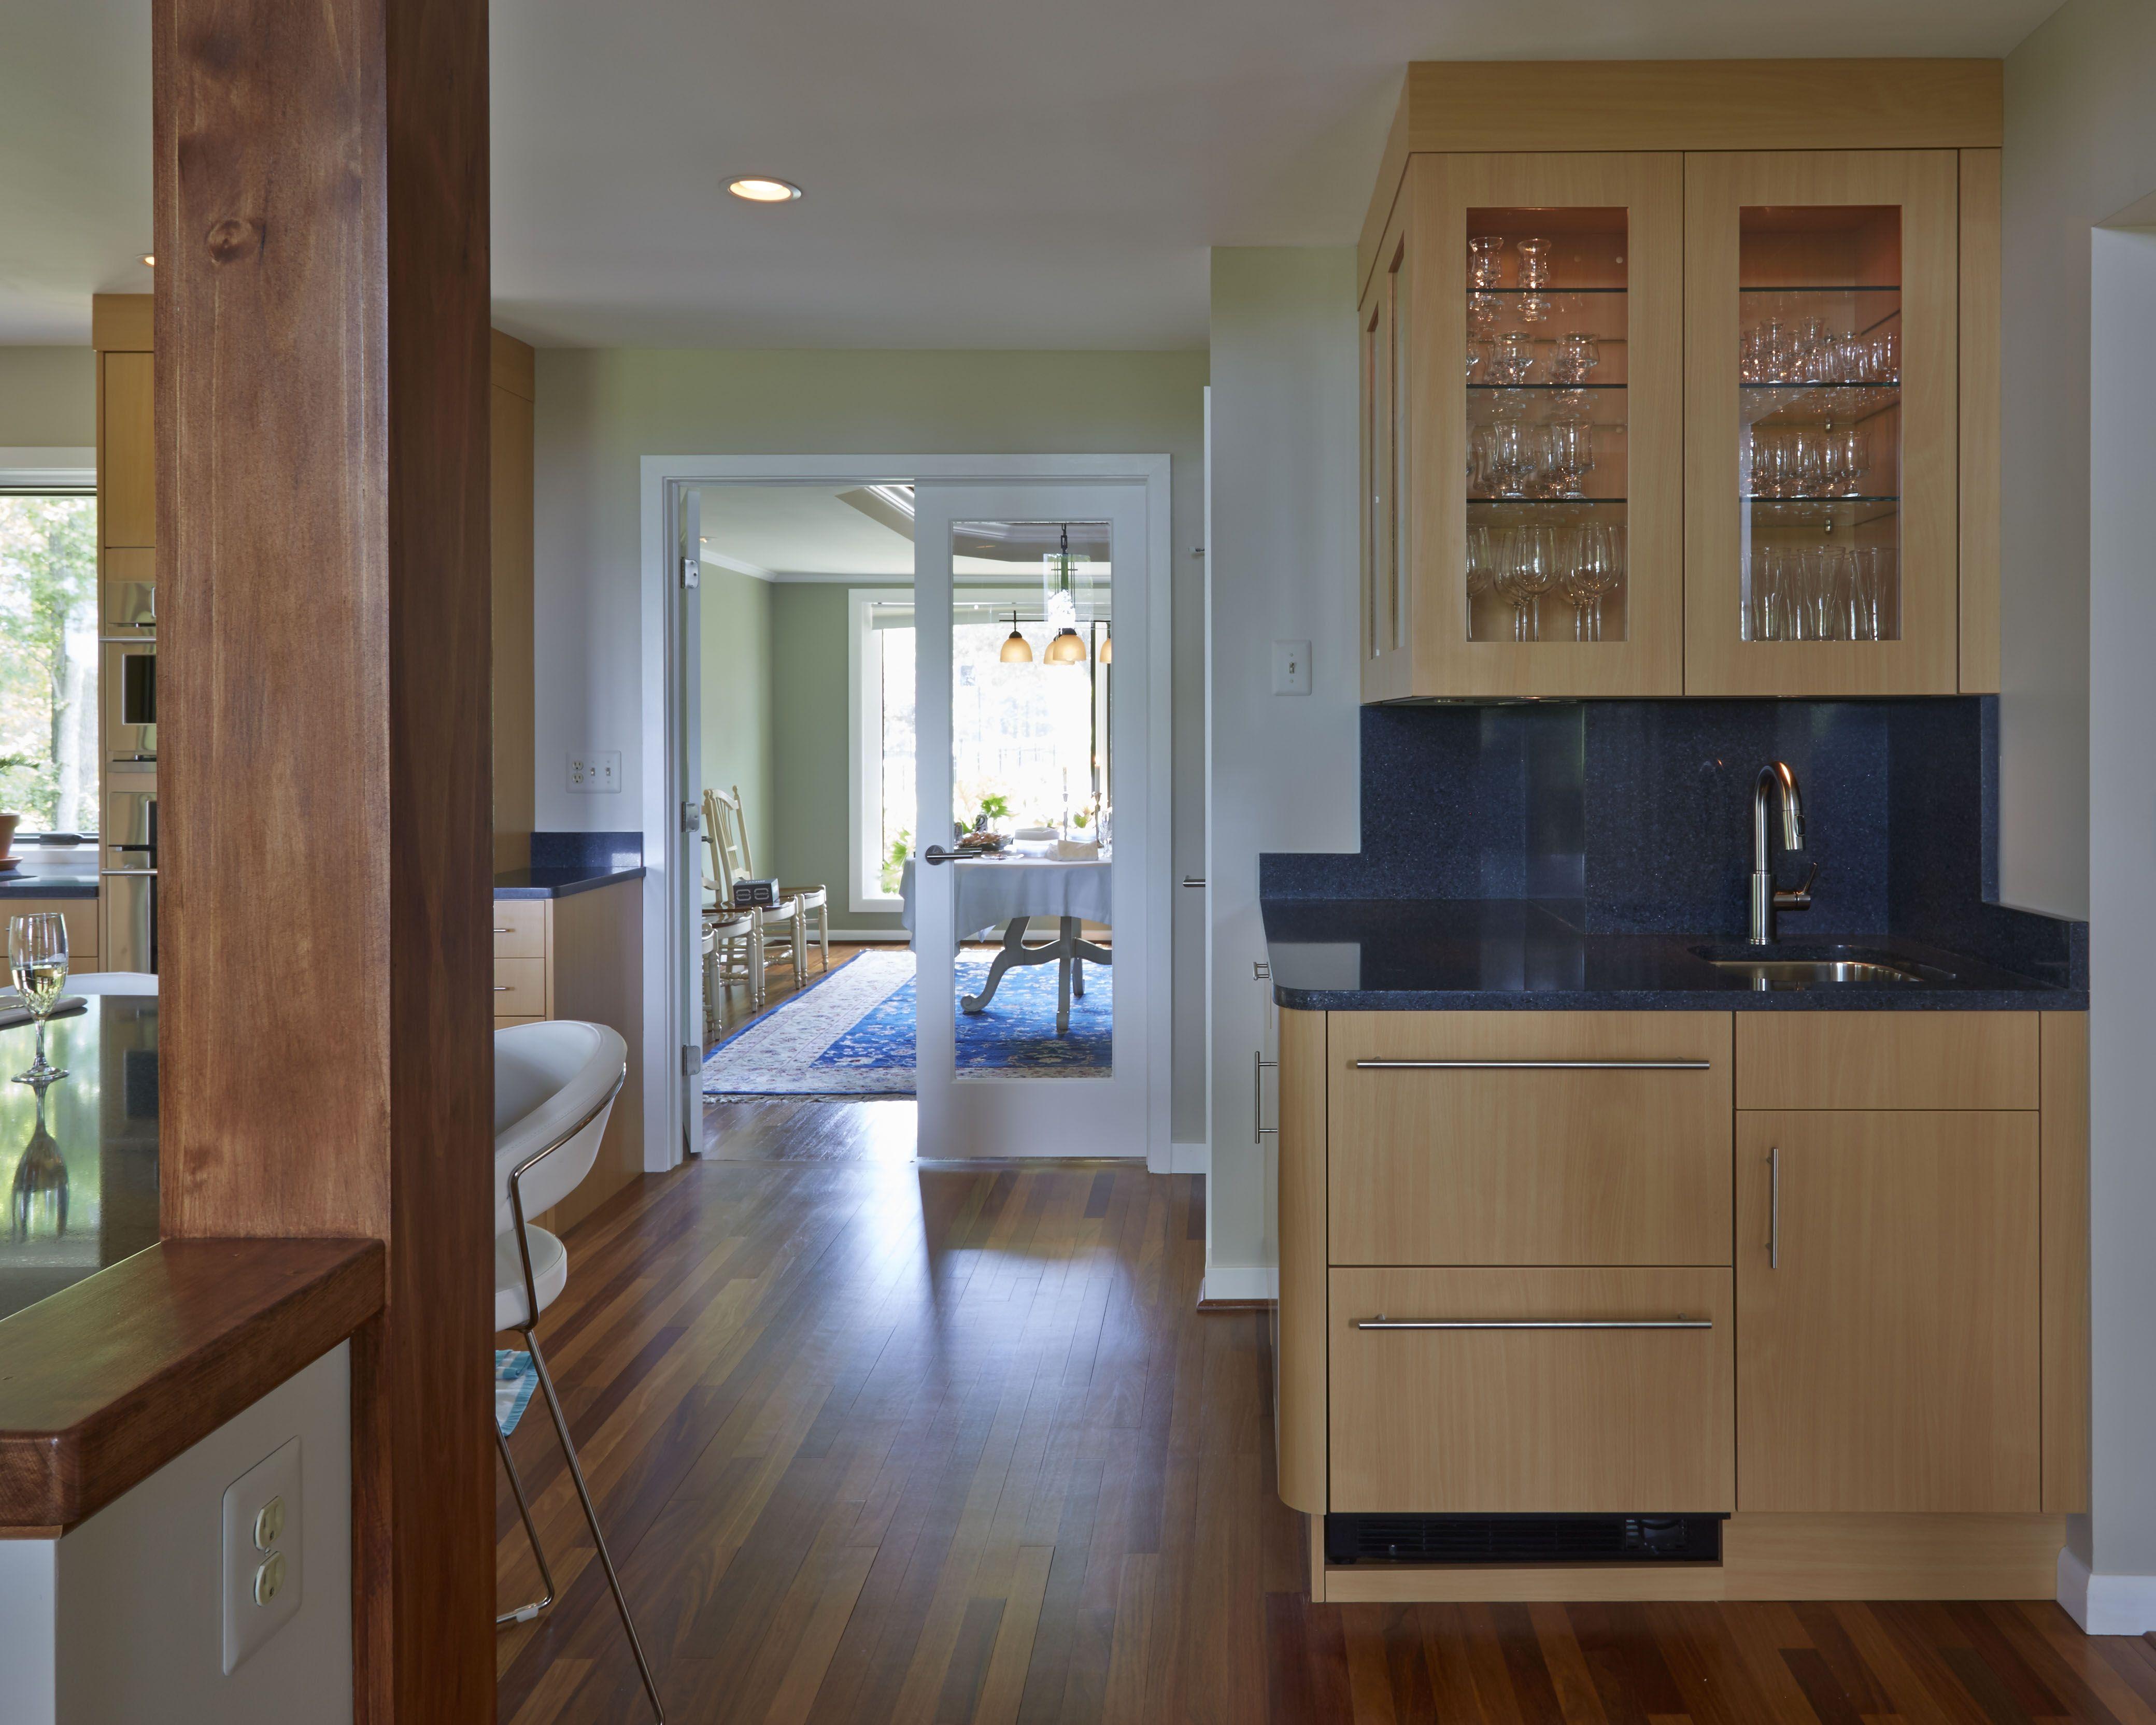 Neff Cabinets; Bar Area; Refrigerator/freezer Drawers; Cambria Quartz  Counter Top;